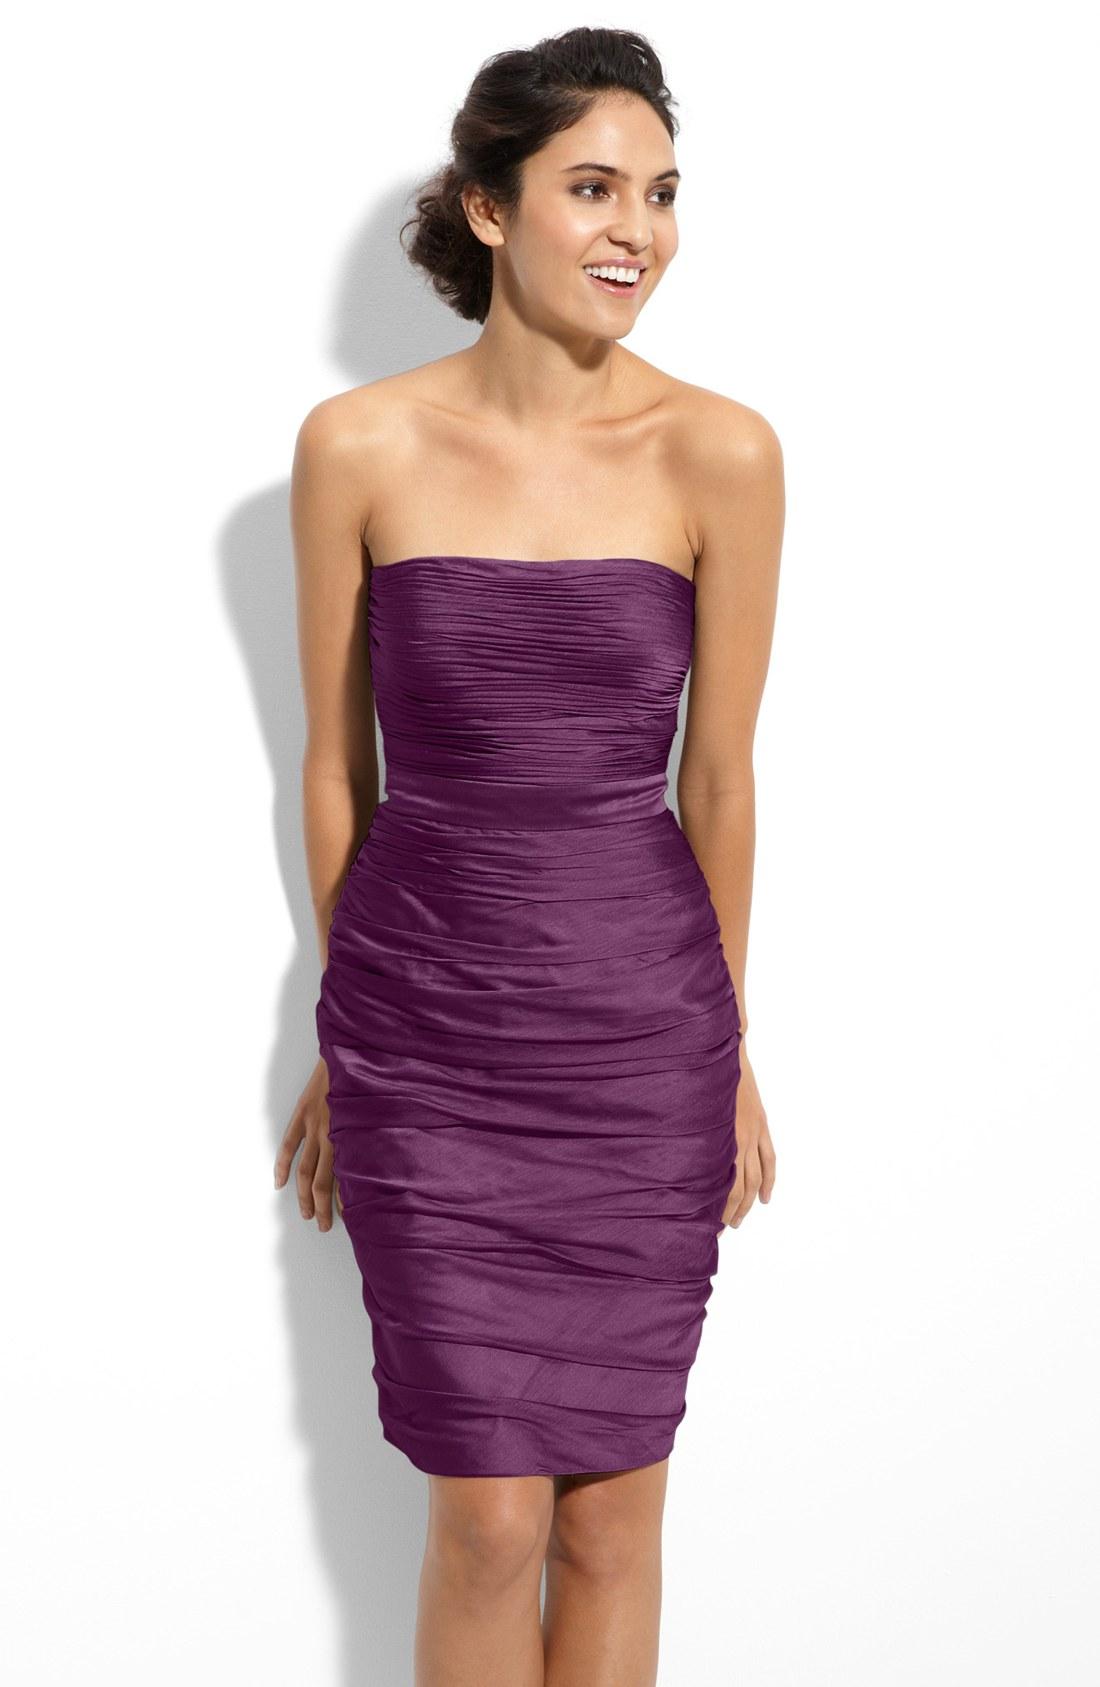 Fantástico Vestidos De Dama Nordstroms Imagen - Vestido de Novia ...